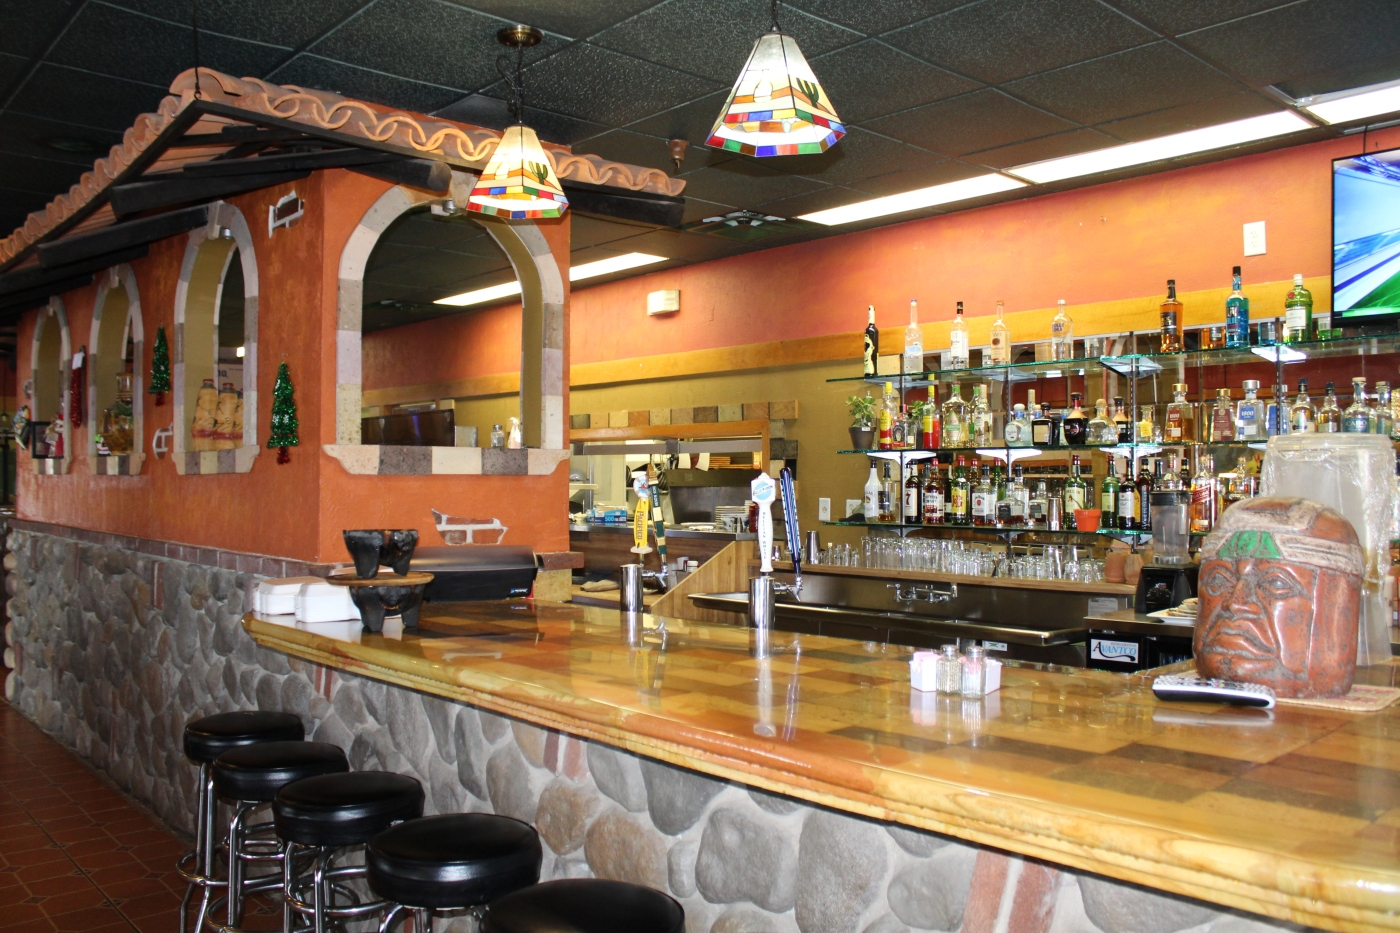 La Terraza Mexican Grill Tama County Iowa